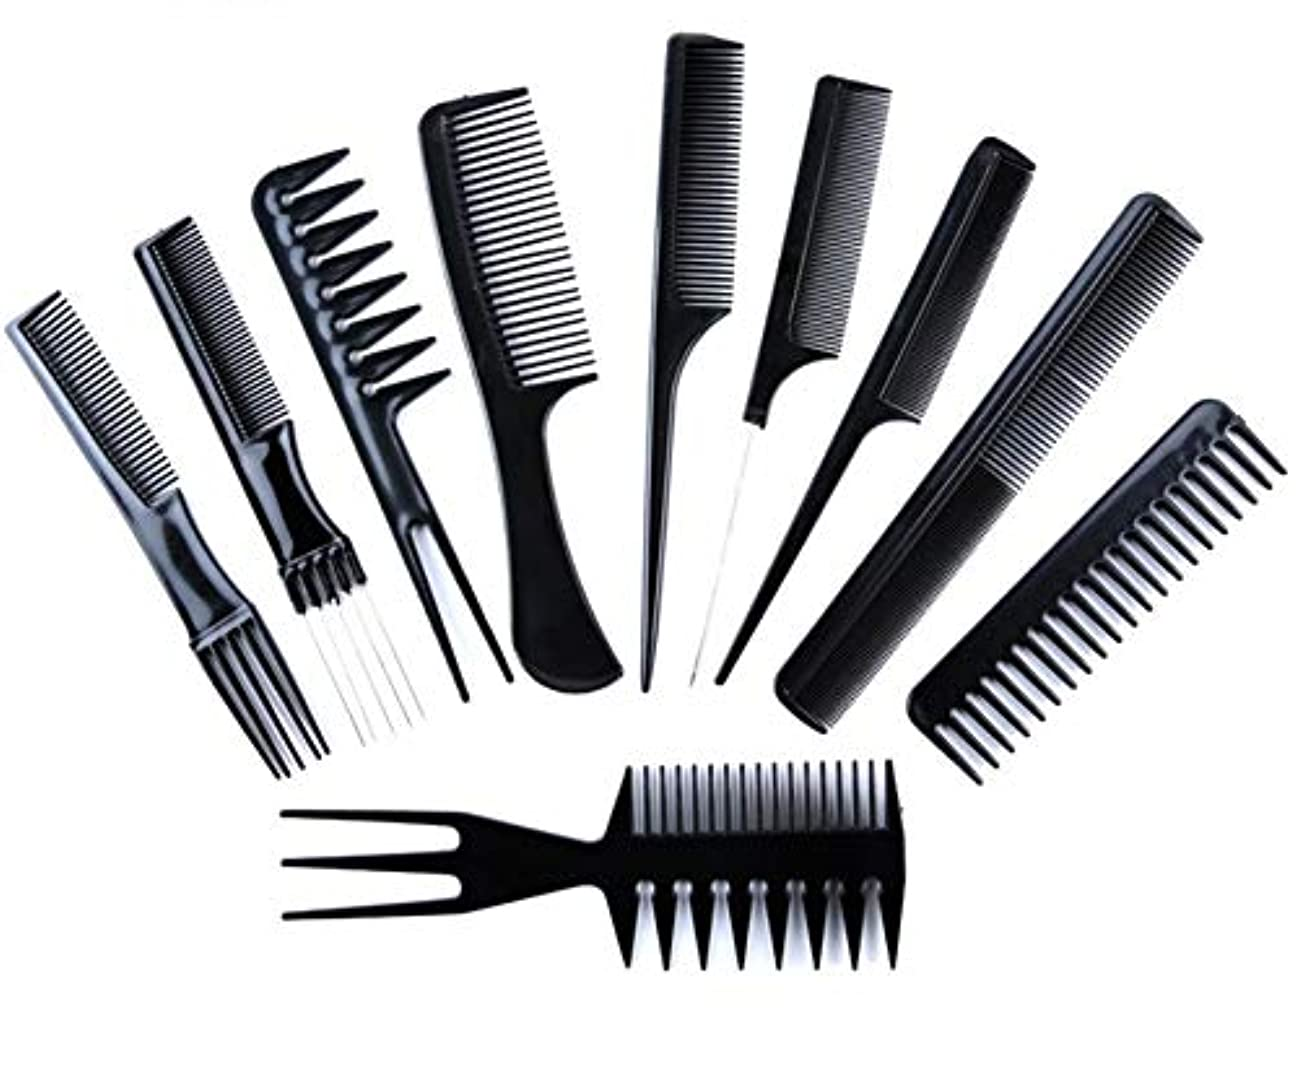 スワップサーキットに行く問い合わせる髪の櫛、黒髪の櫛、帯電防止抗折れ防止結び目のない櫛、理髪の10組の長い髪の櫛の髪の櫛、美容院の必須の理髪ツール、理髪の櫛のギフト